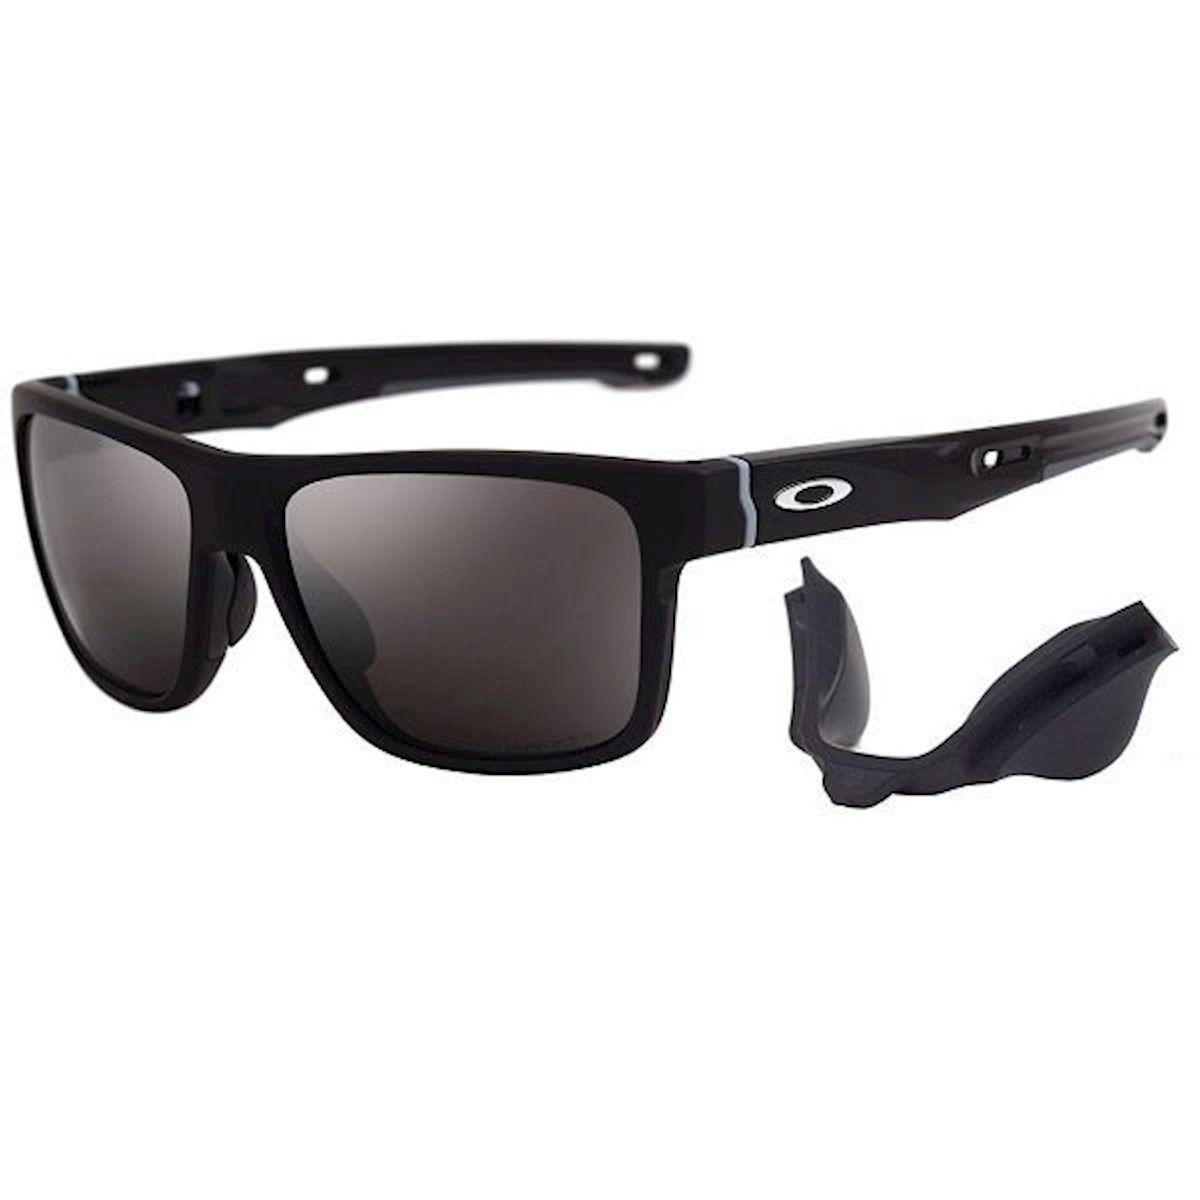 b991e011c8 Óculos de sol Crossrange Prizm Black Oakley » Óculos de Sol Oakley ...